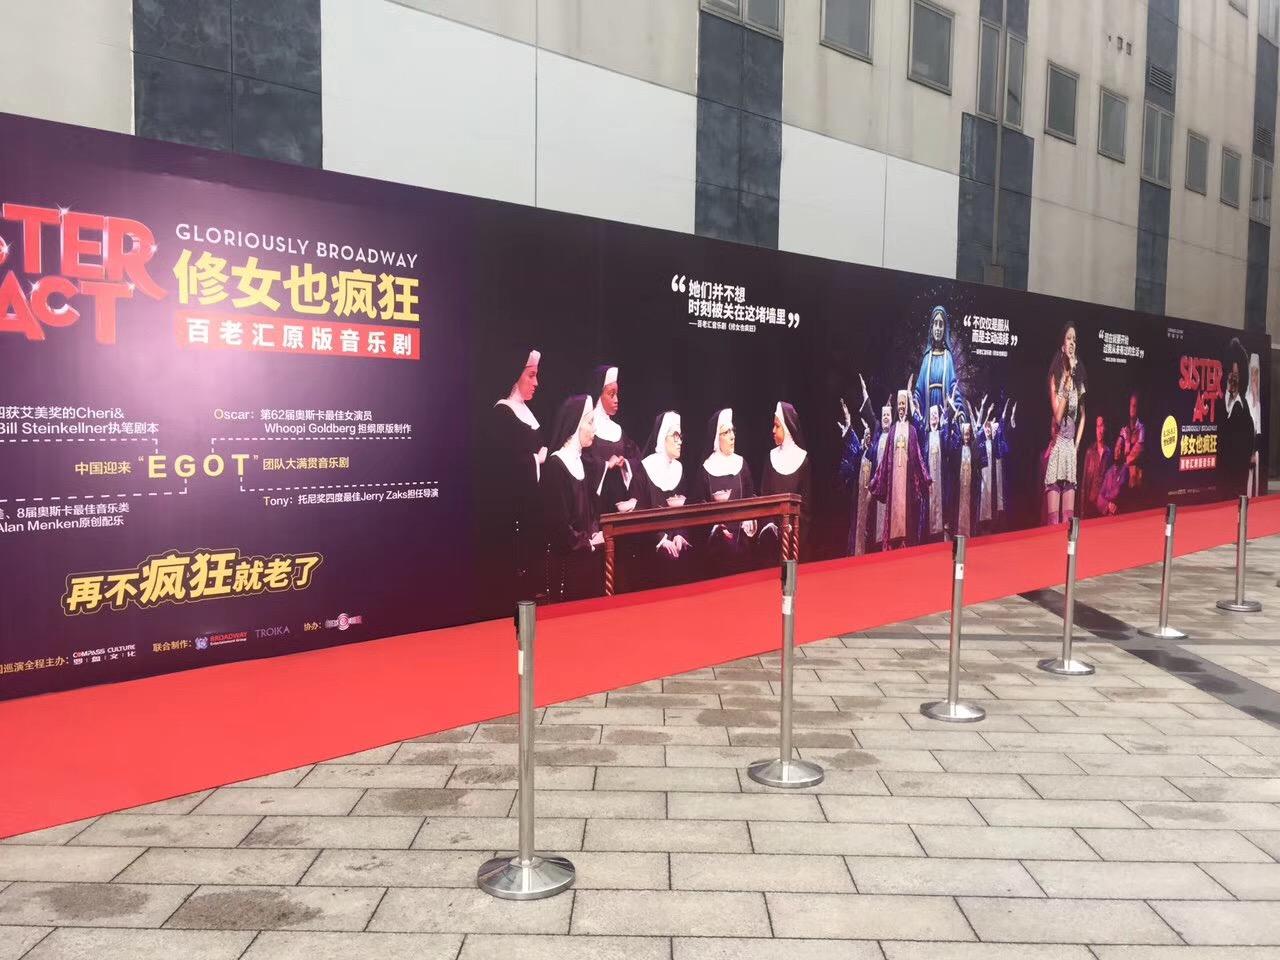 数十位明星朝拜 百老汇最欢乐音乐剧《修女也疯狂》北京开演